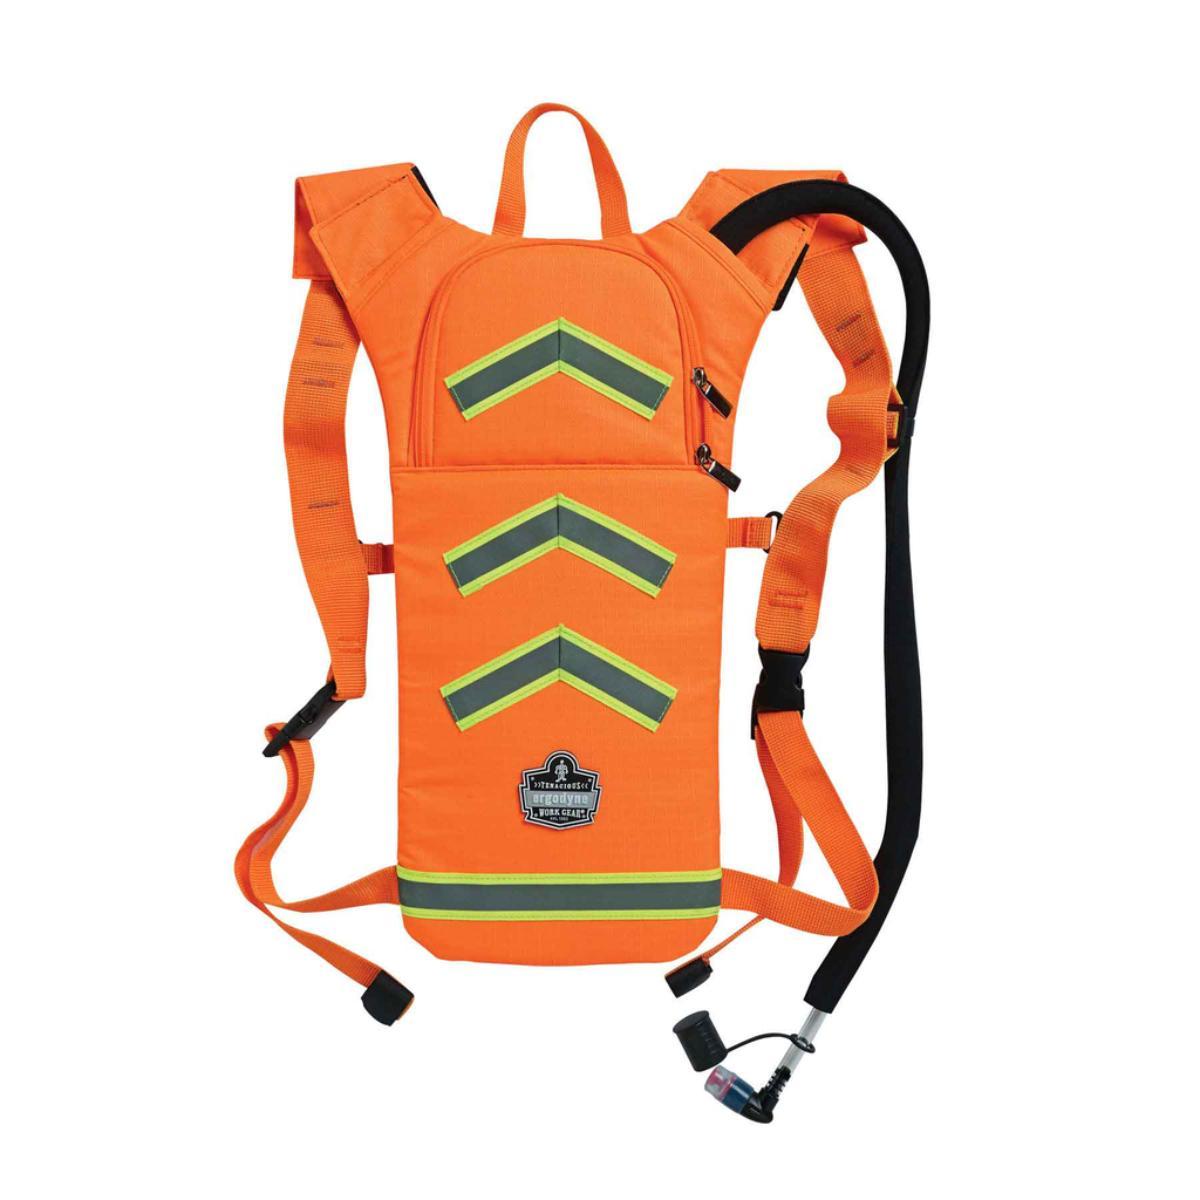 5155 2 ltr Black Hi-Vis Low Profile Hydration Pack